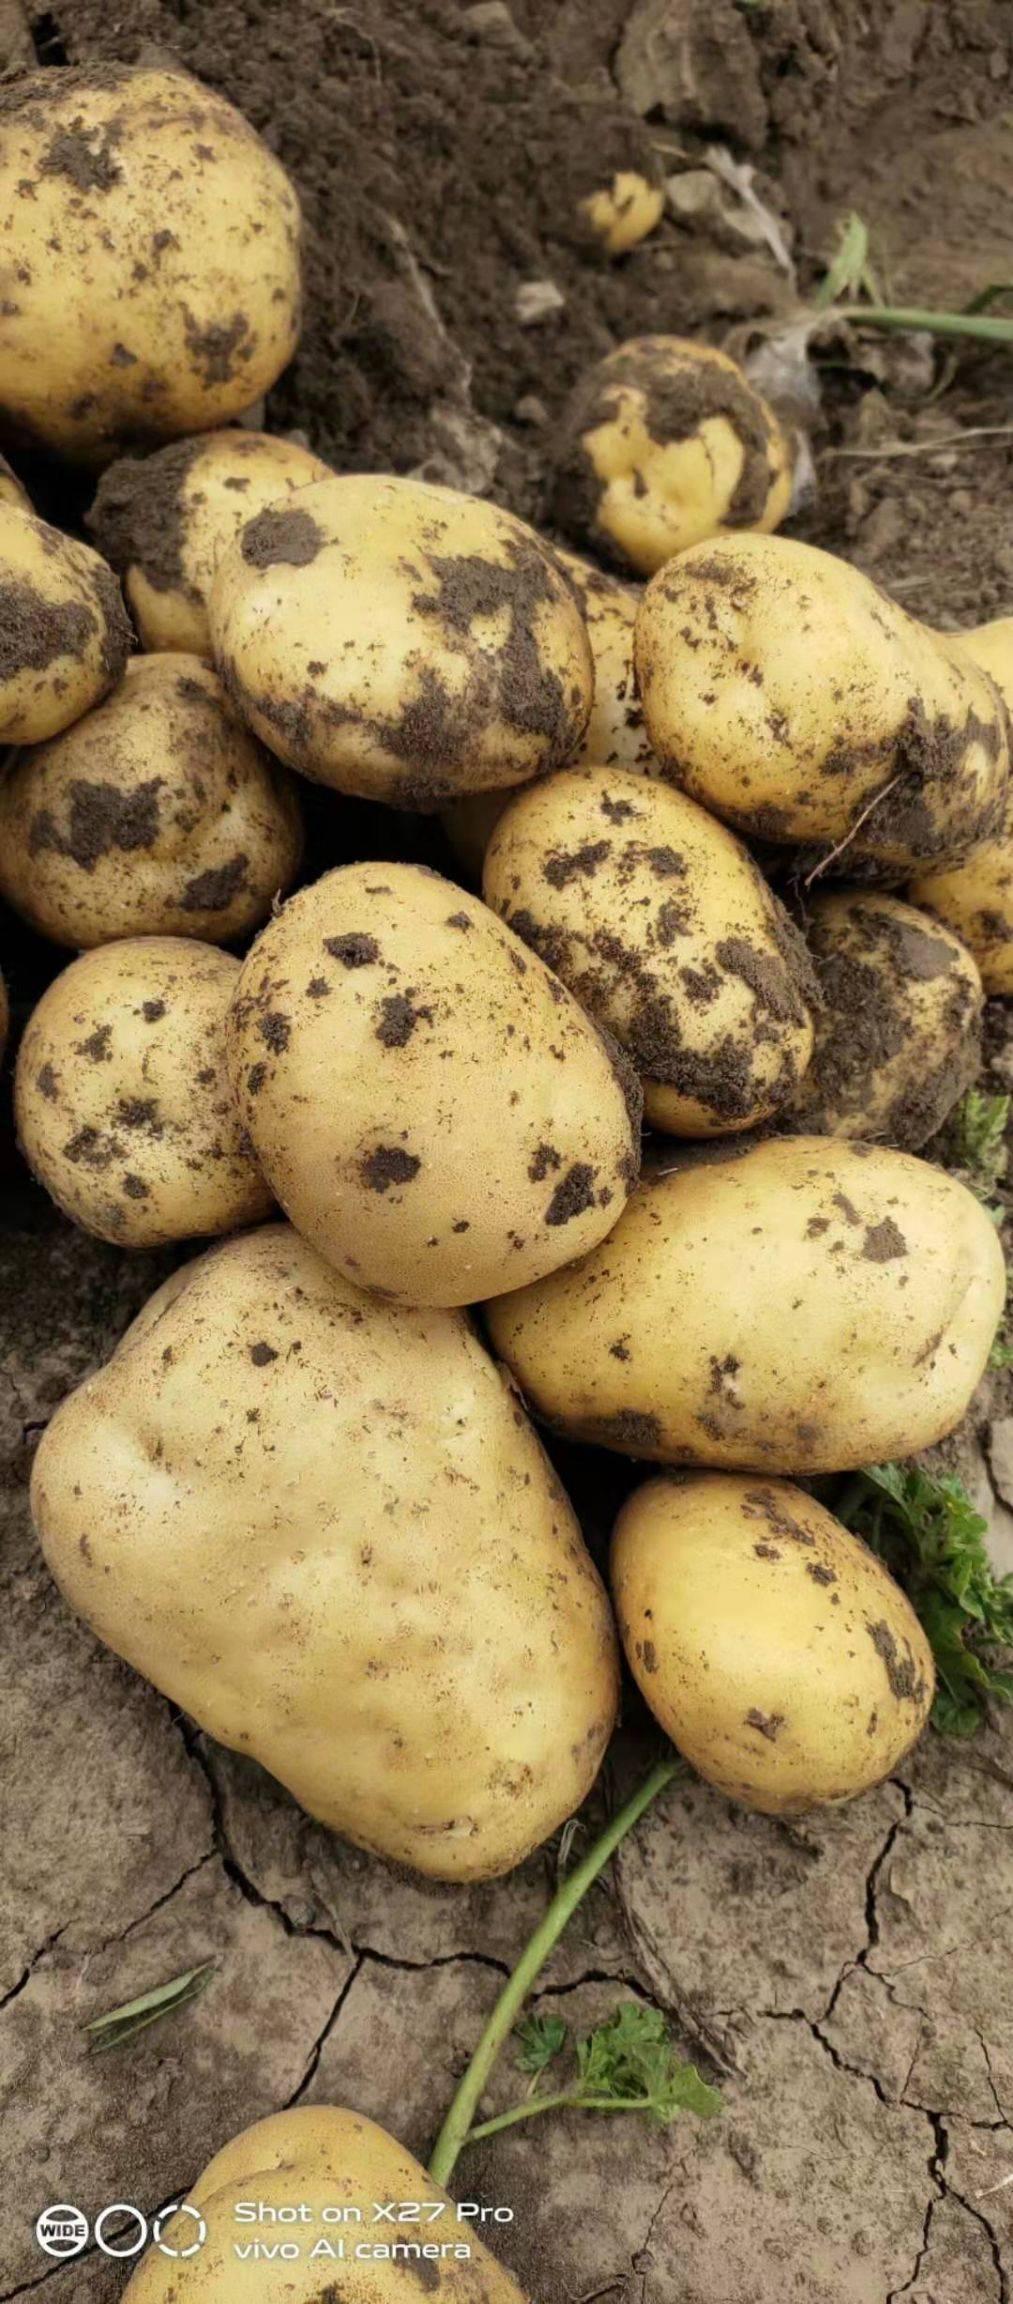 荷兰15号土豆 荷兰 严暑 杠三七系列代办代发